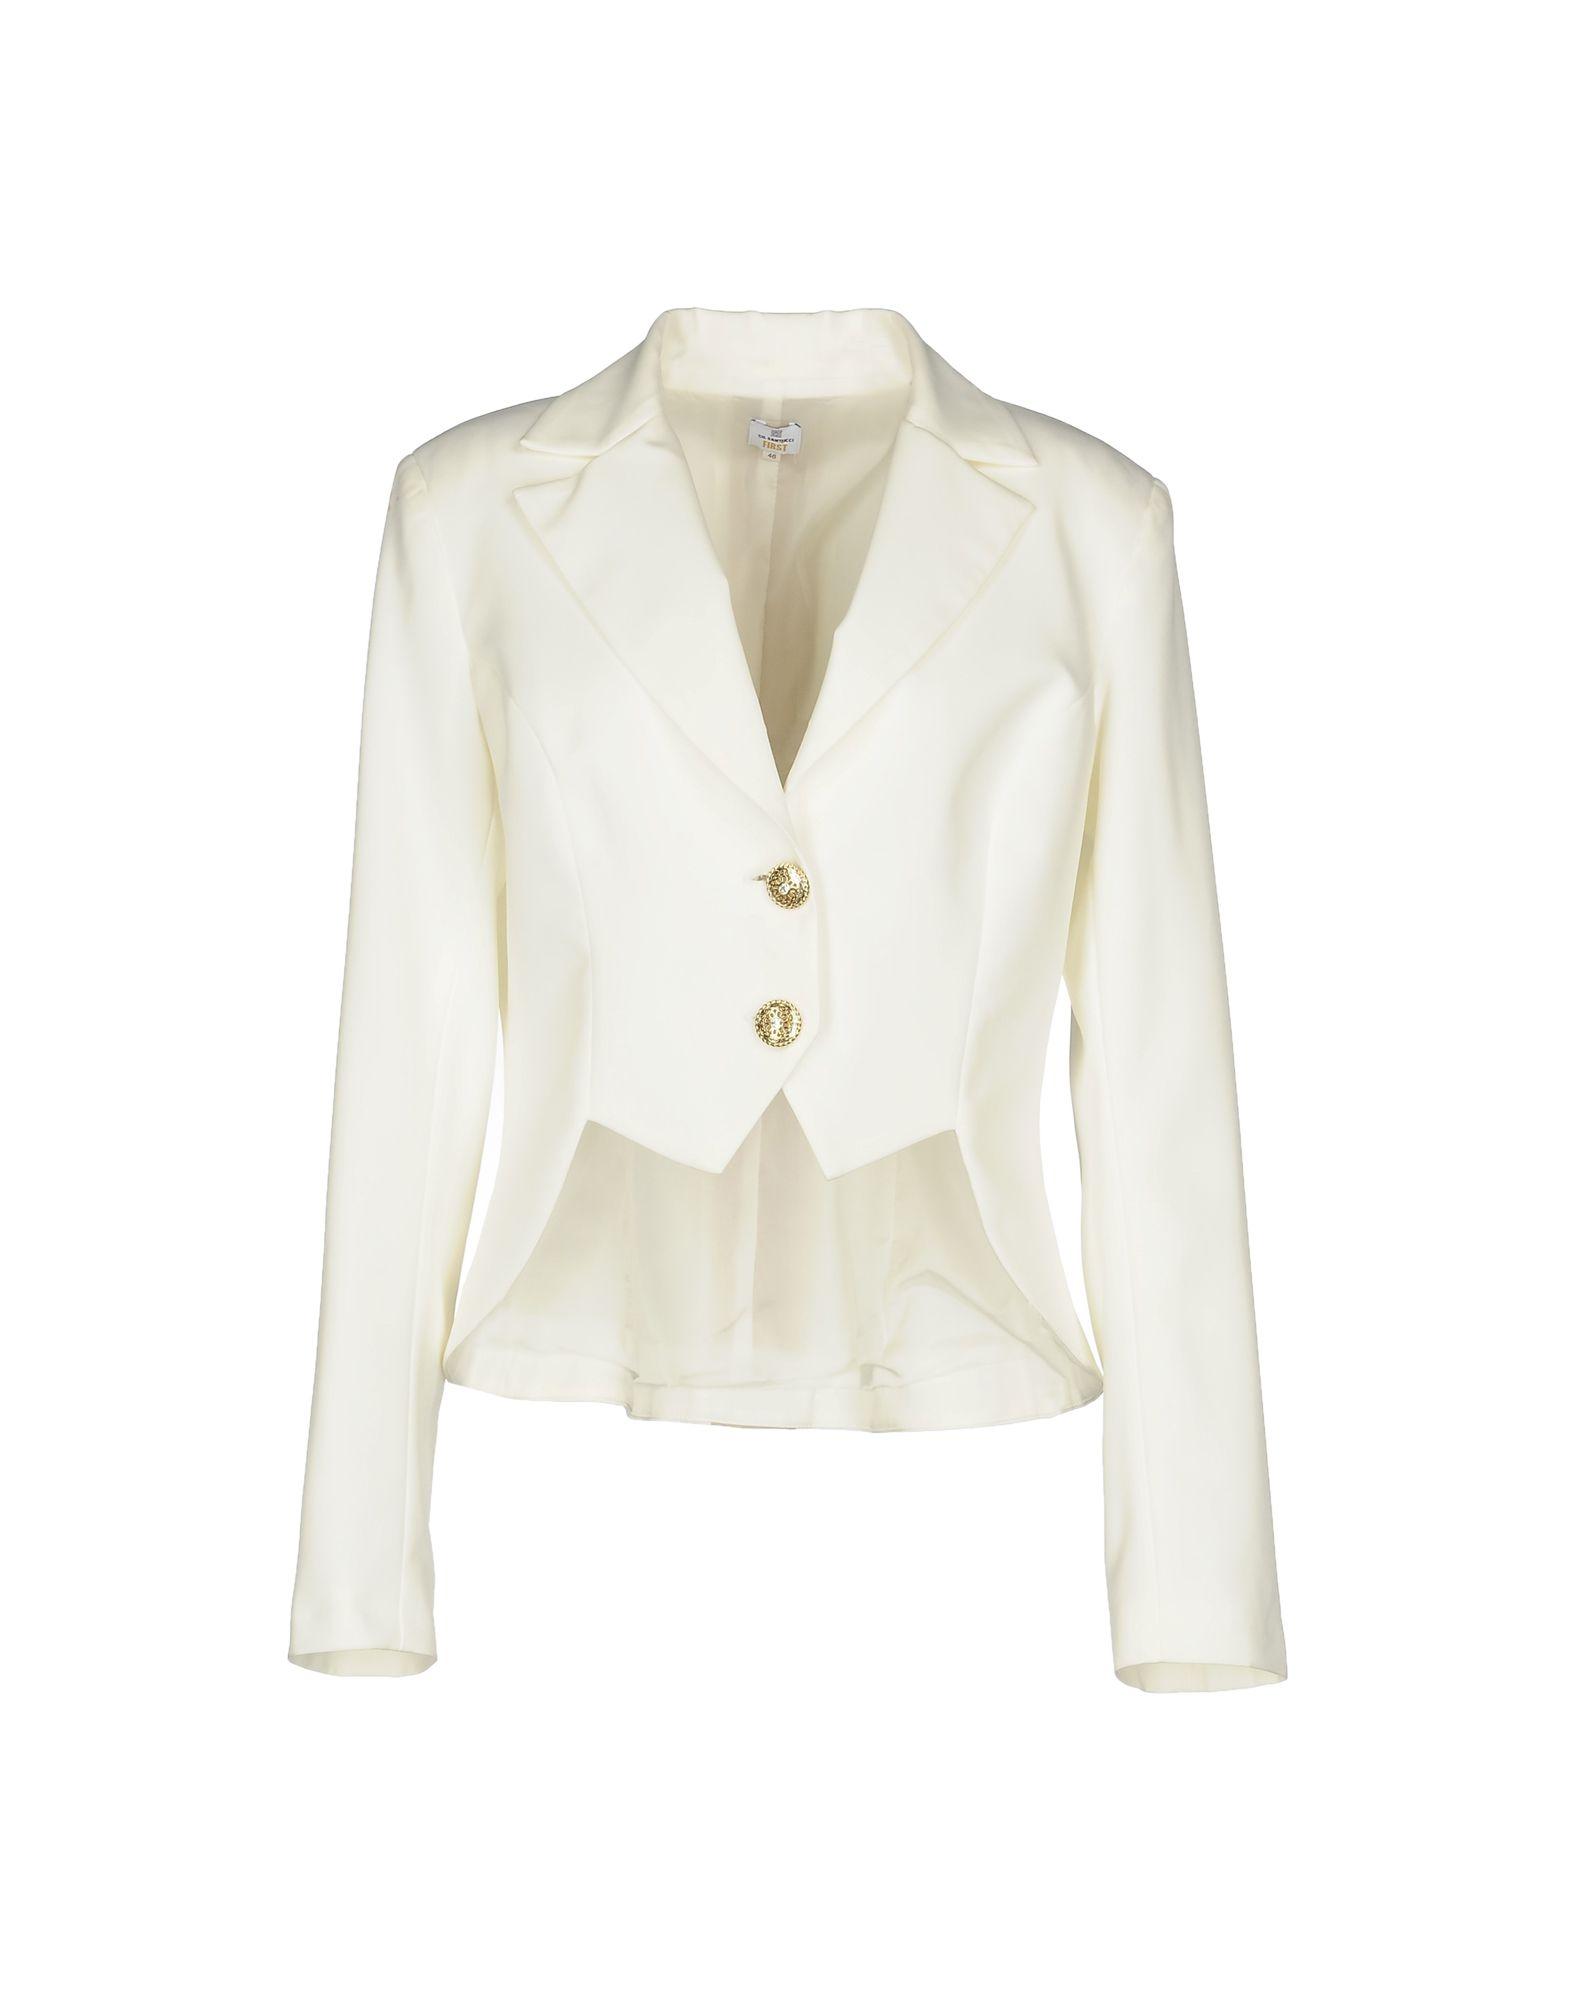 《送料無料》GIL SANTUCCI レディース テーラードジャケット ホワイト 46 ポリエステル 89% / ポリウレタン 11%